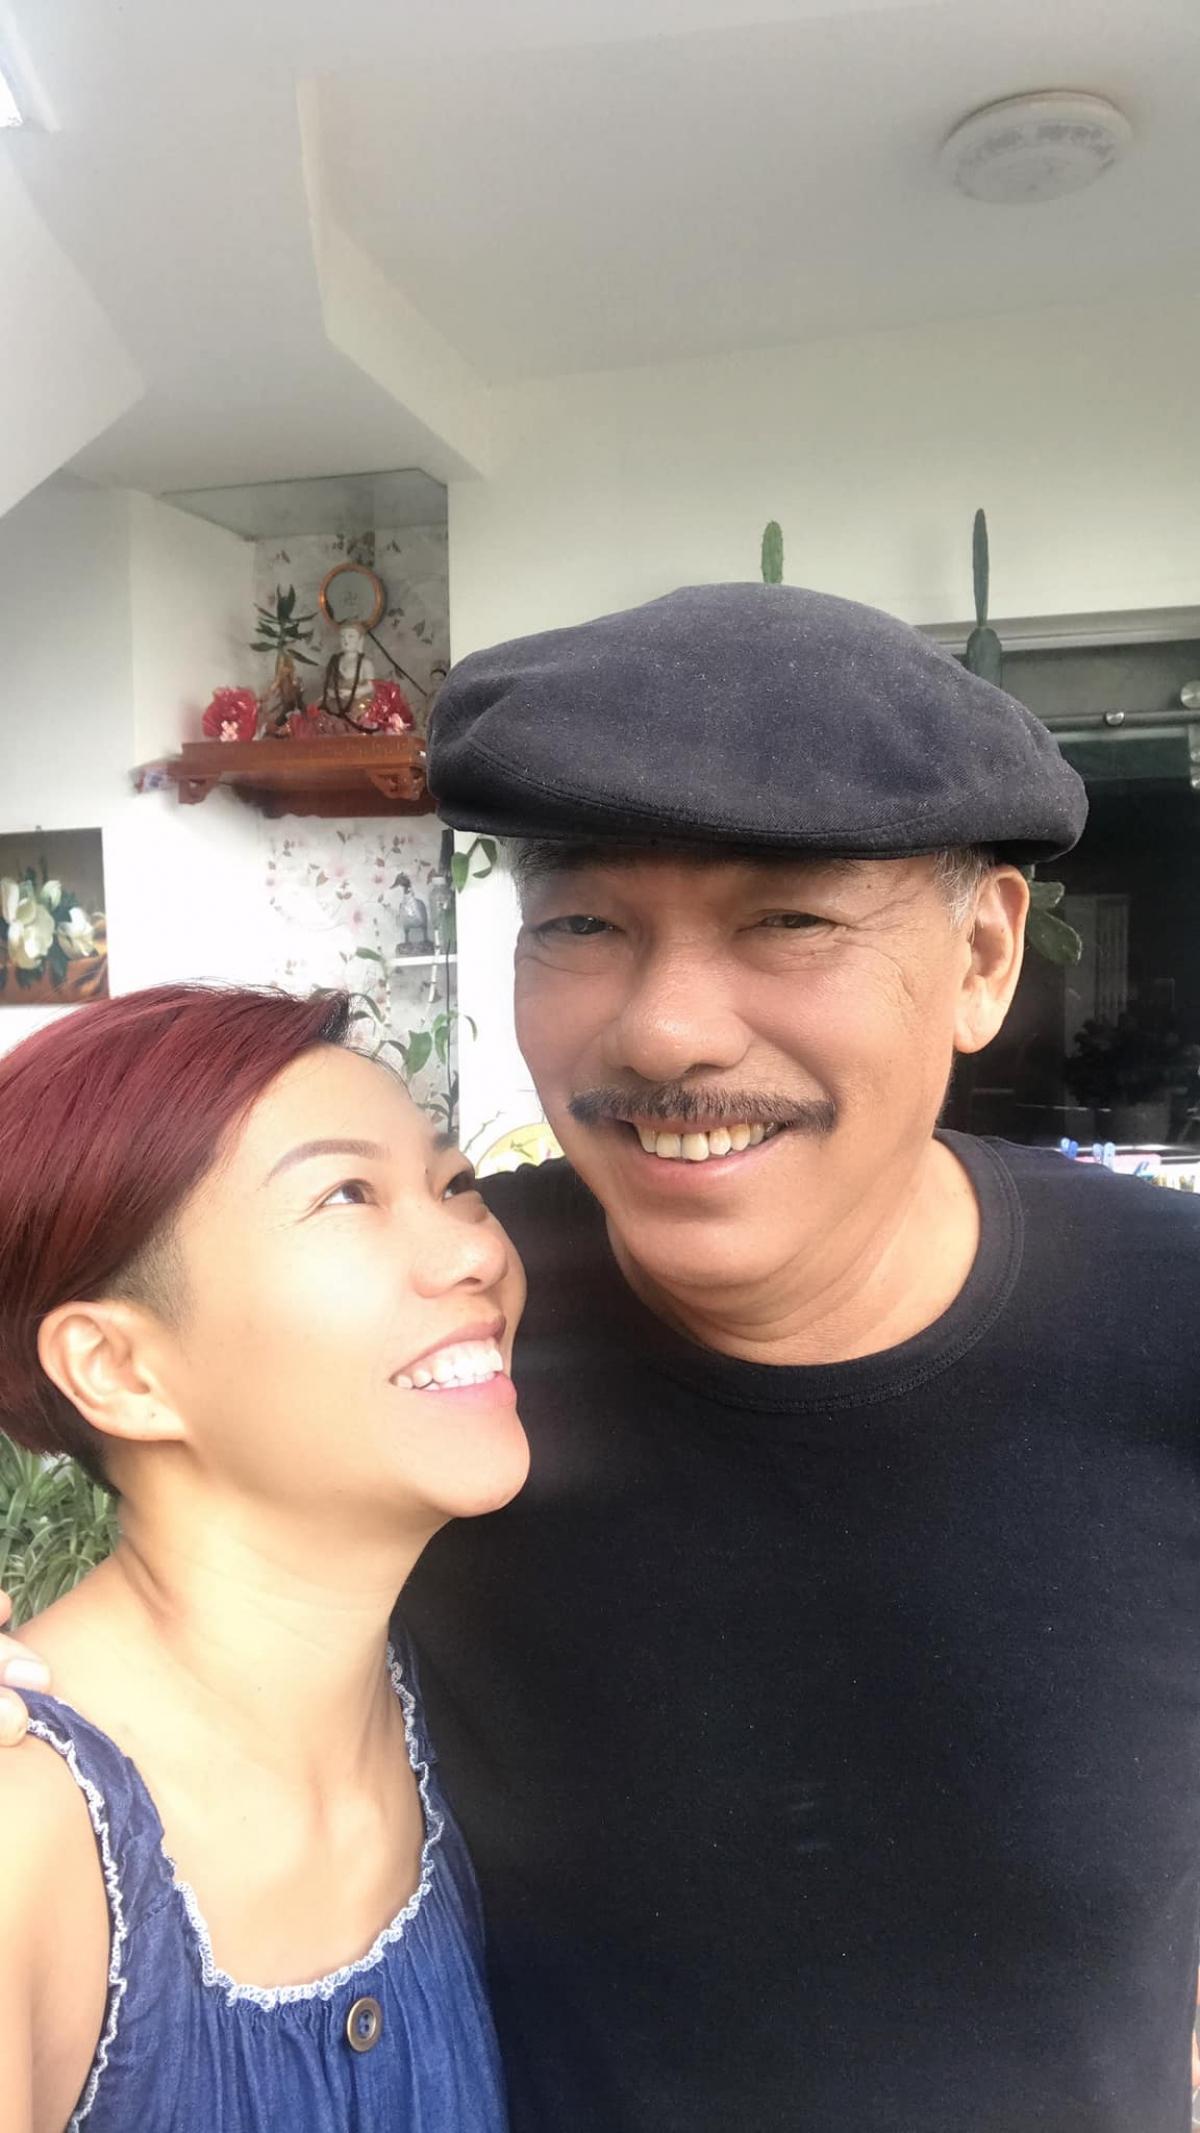 Hình ảnh nữ ca sĩ Trần Thu Hà chụp cùng nhạc sĩ Trần Tiến khi về thăm ông ở Vũng Tàu.